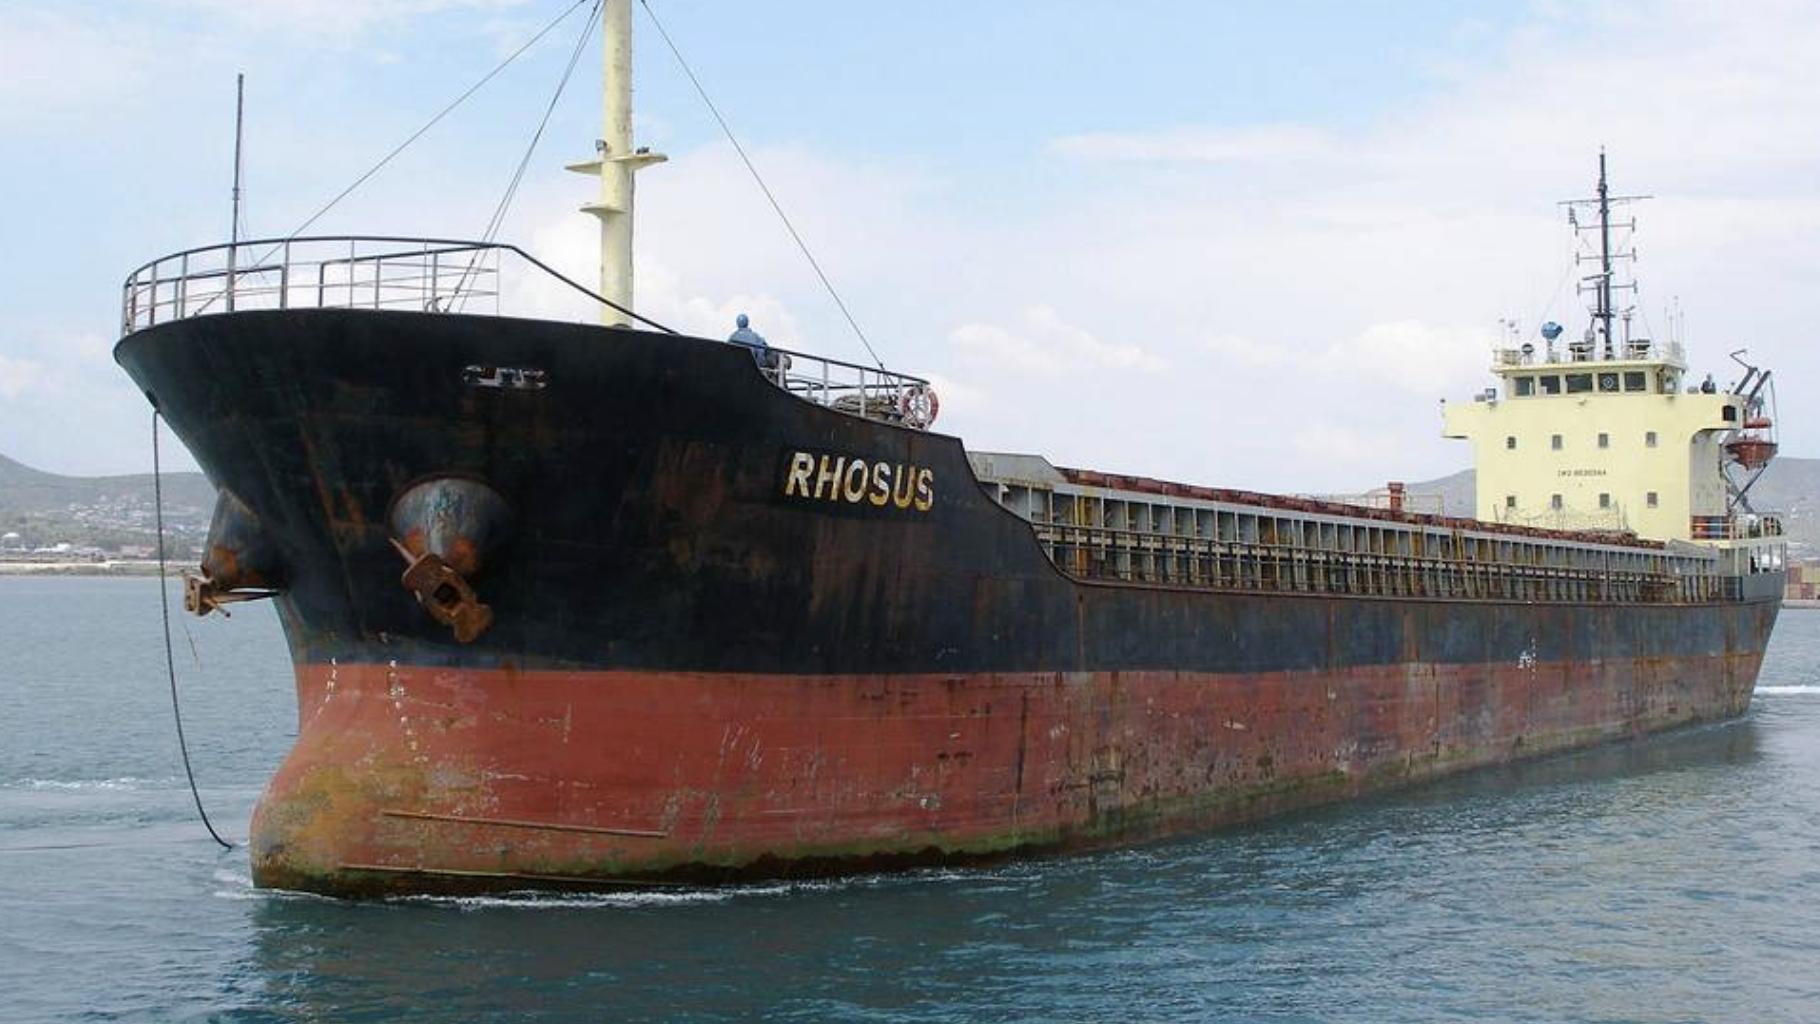 rhosus-1